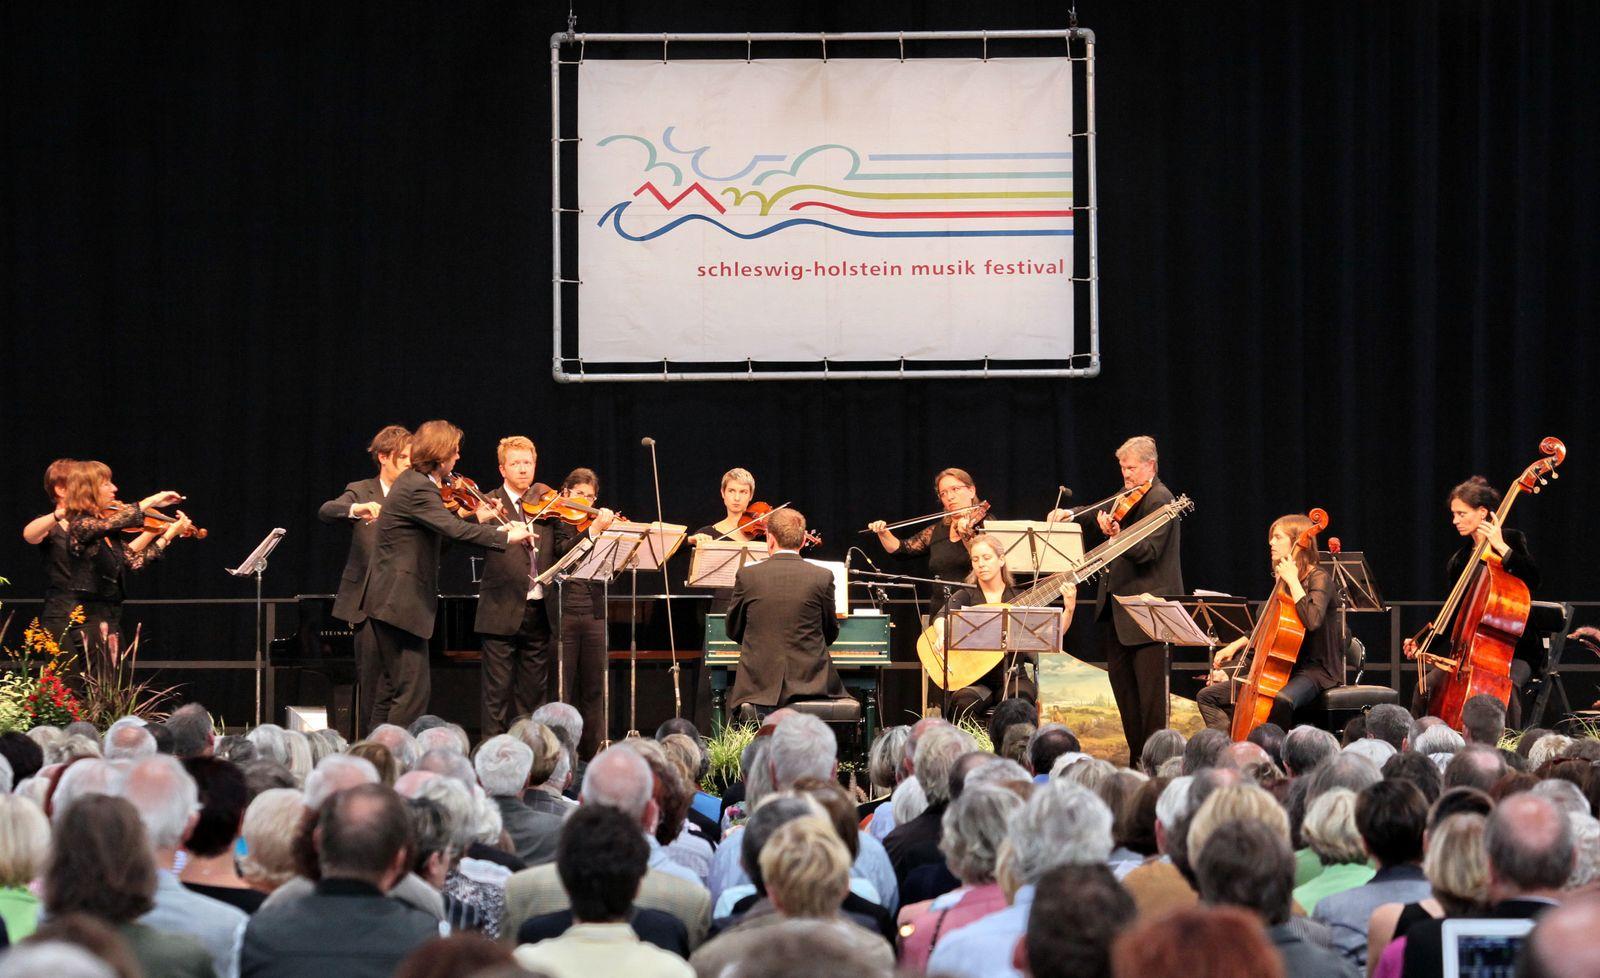 SHMF / Schleswig-Holstein Musik Festival 2011